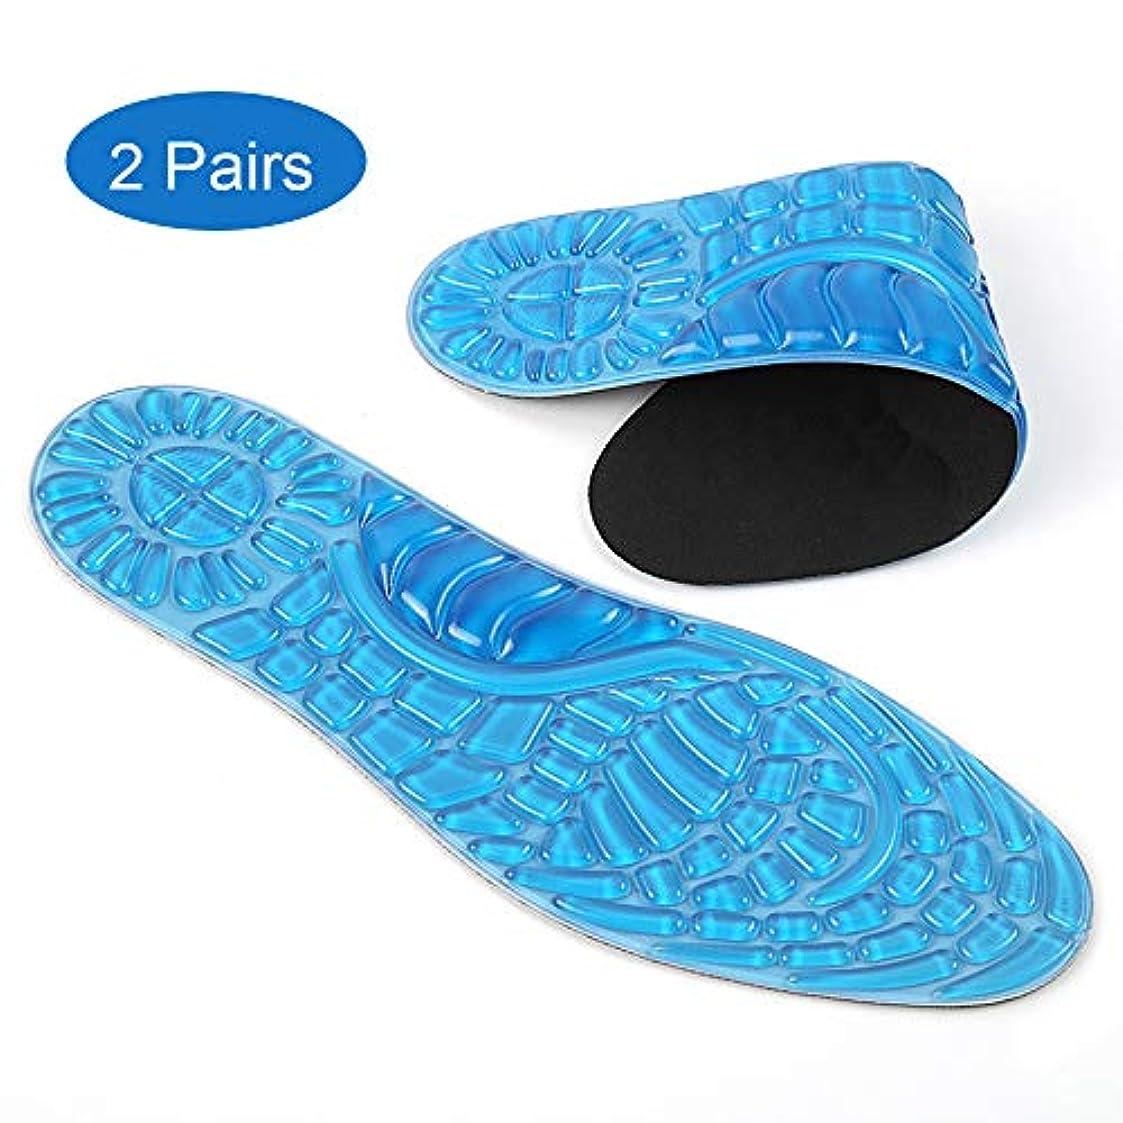 モデレータピアース医薬品スポーツ装具インソール2足、フットマッサージインソールは汗を吸収します柔らかく通気性があり、フィットネス、ランニング、テニスに適した足底圧を緩和します,S